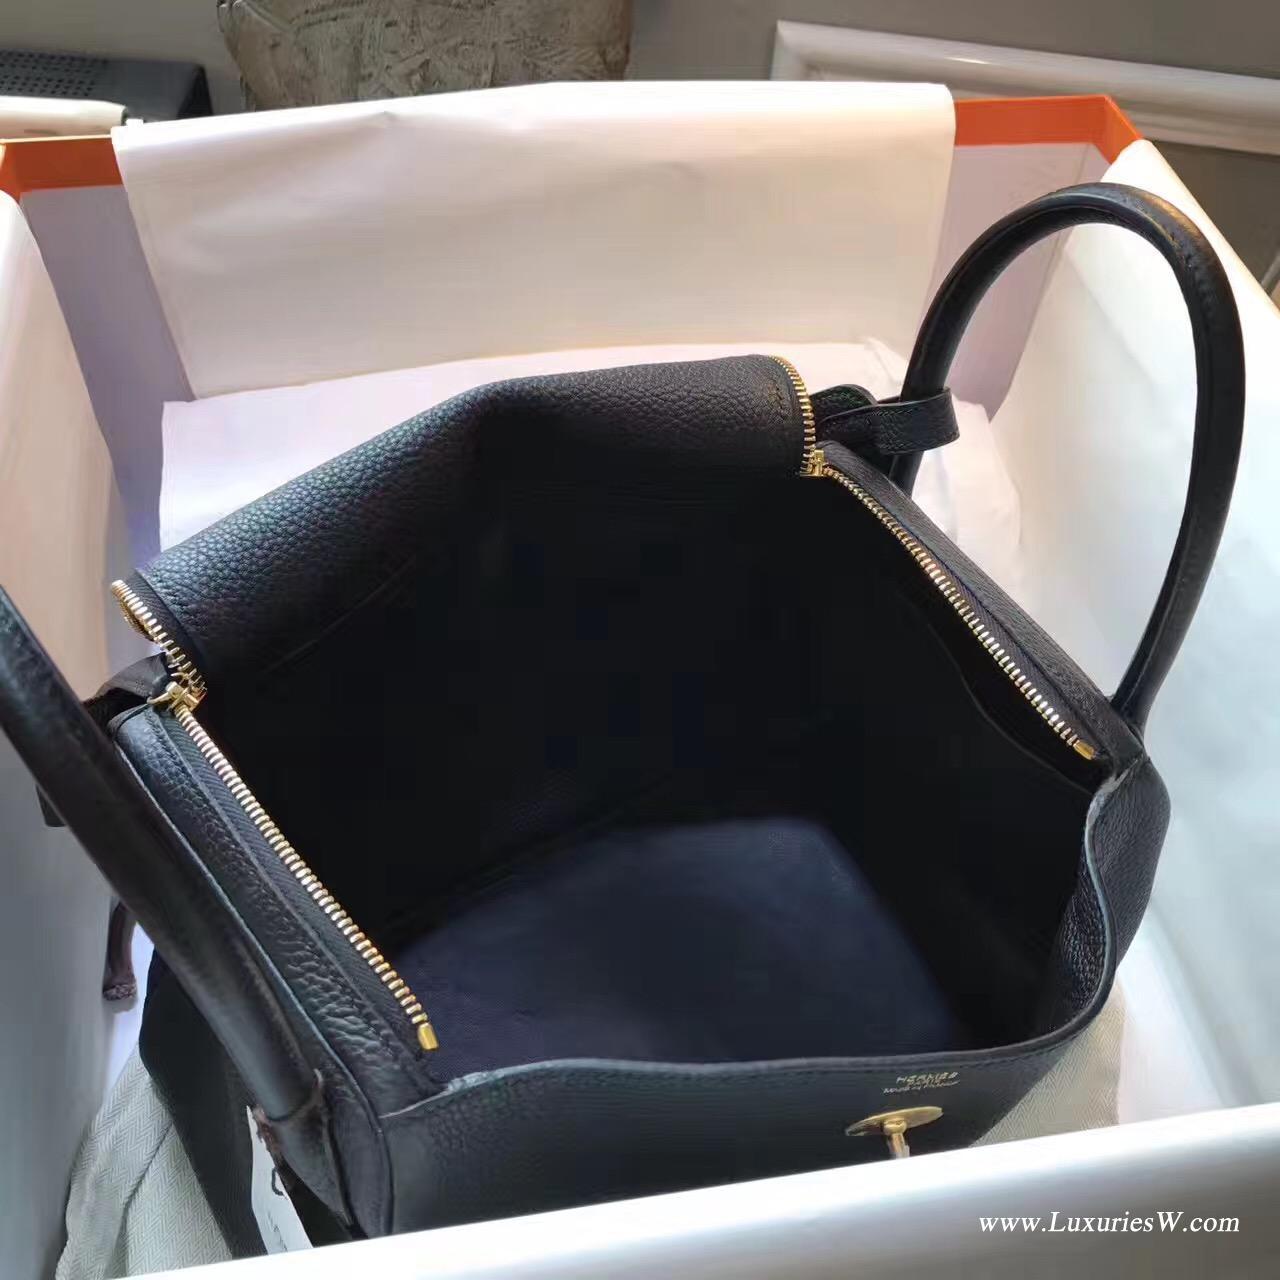 爱马仕林迪包(Lindy)最具有名媛风的包袋 尺寸价格大全